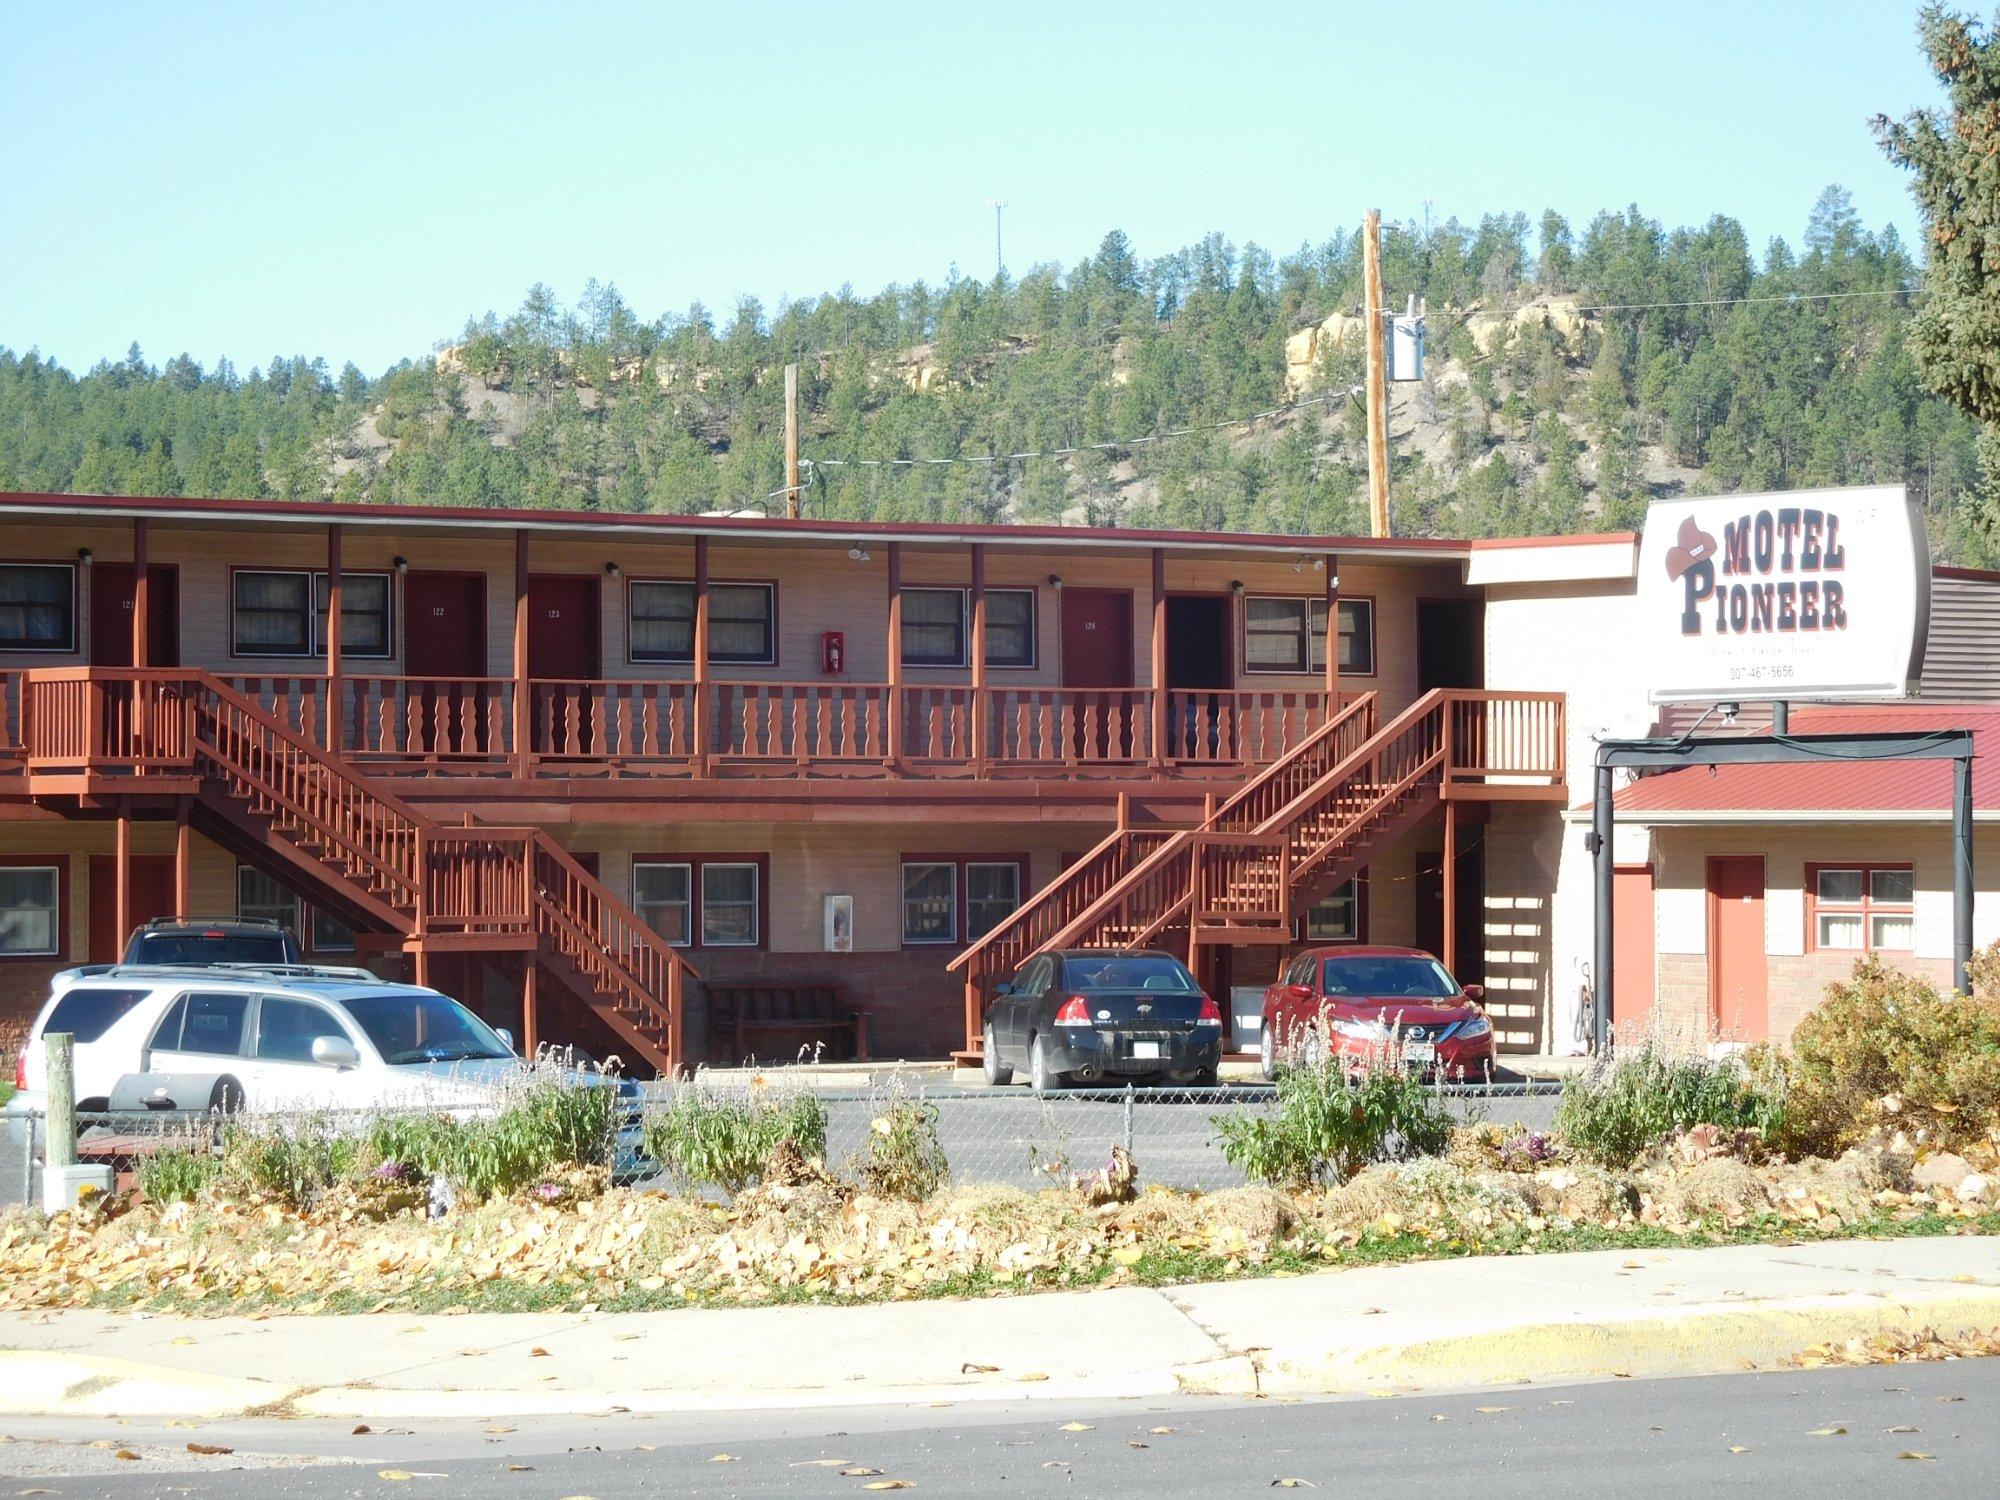 Motel Pioneer